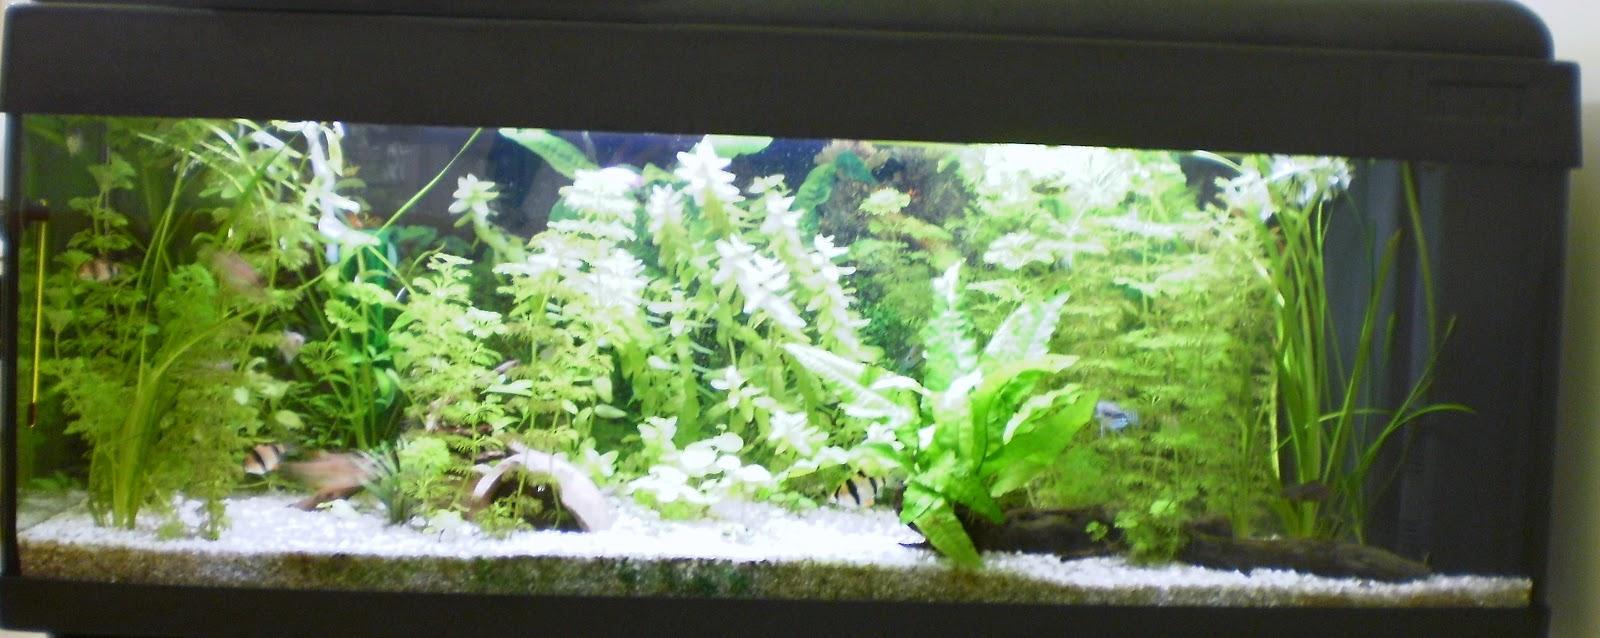 La vetrina arcobaleno acquario attrezzatura necessaria for Solo piante